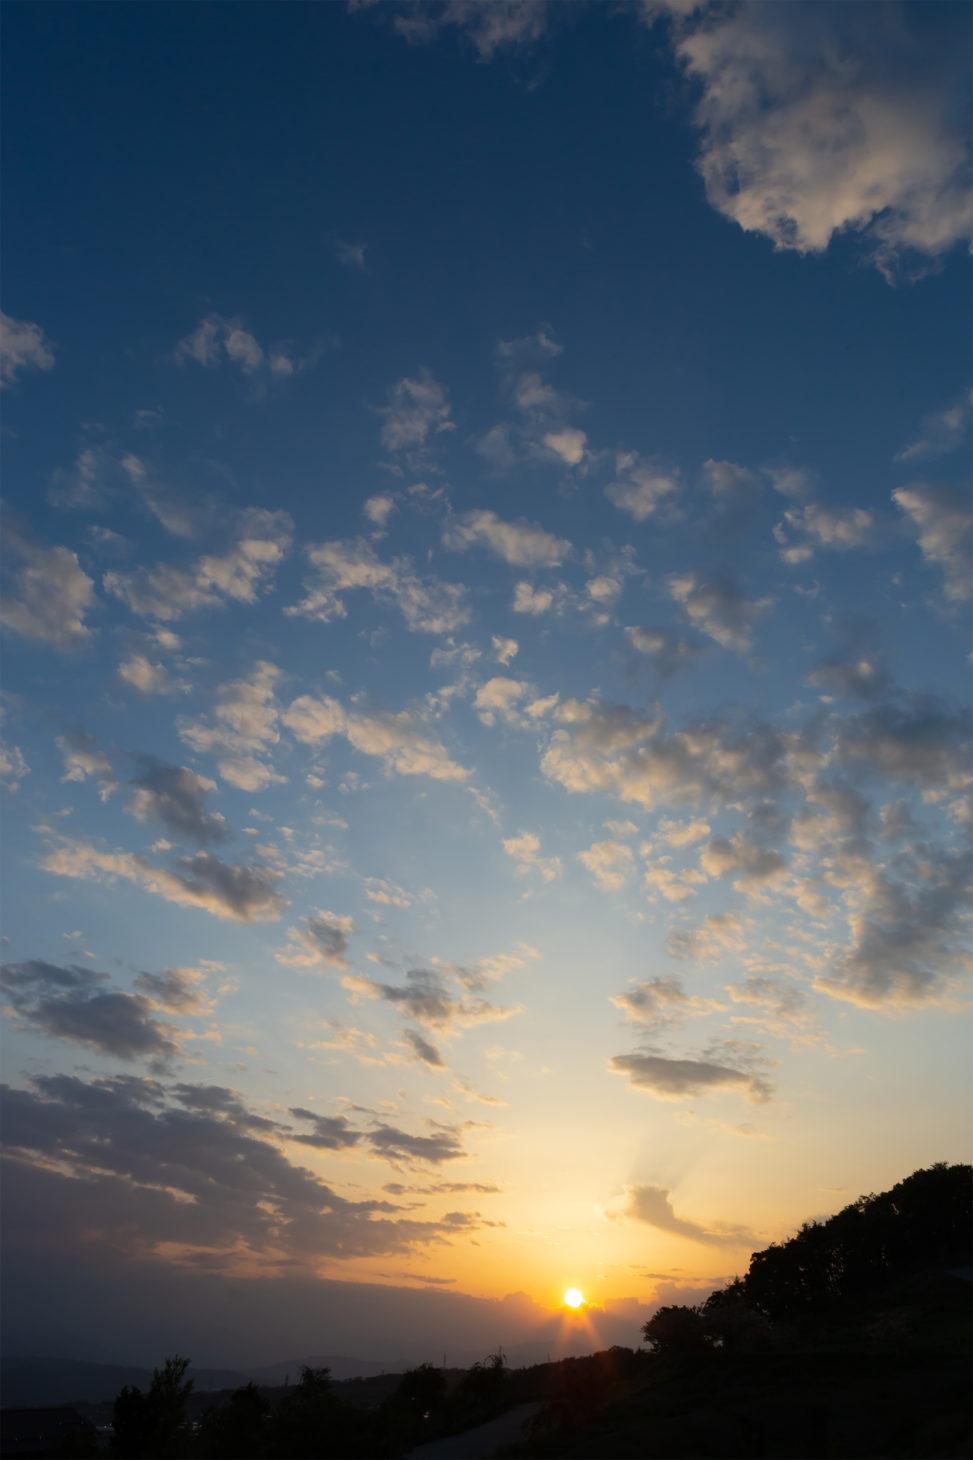 雲と夕日02の写真素材